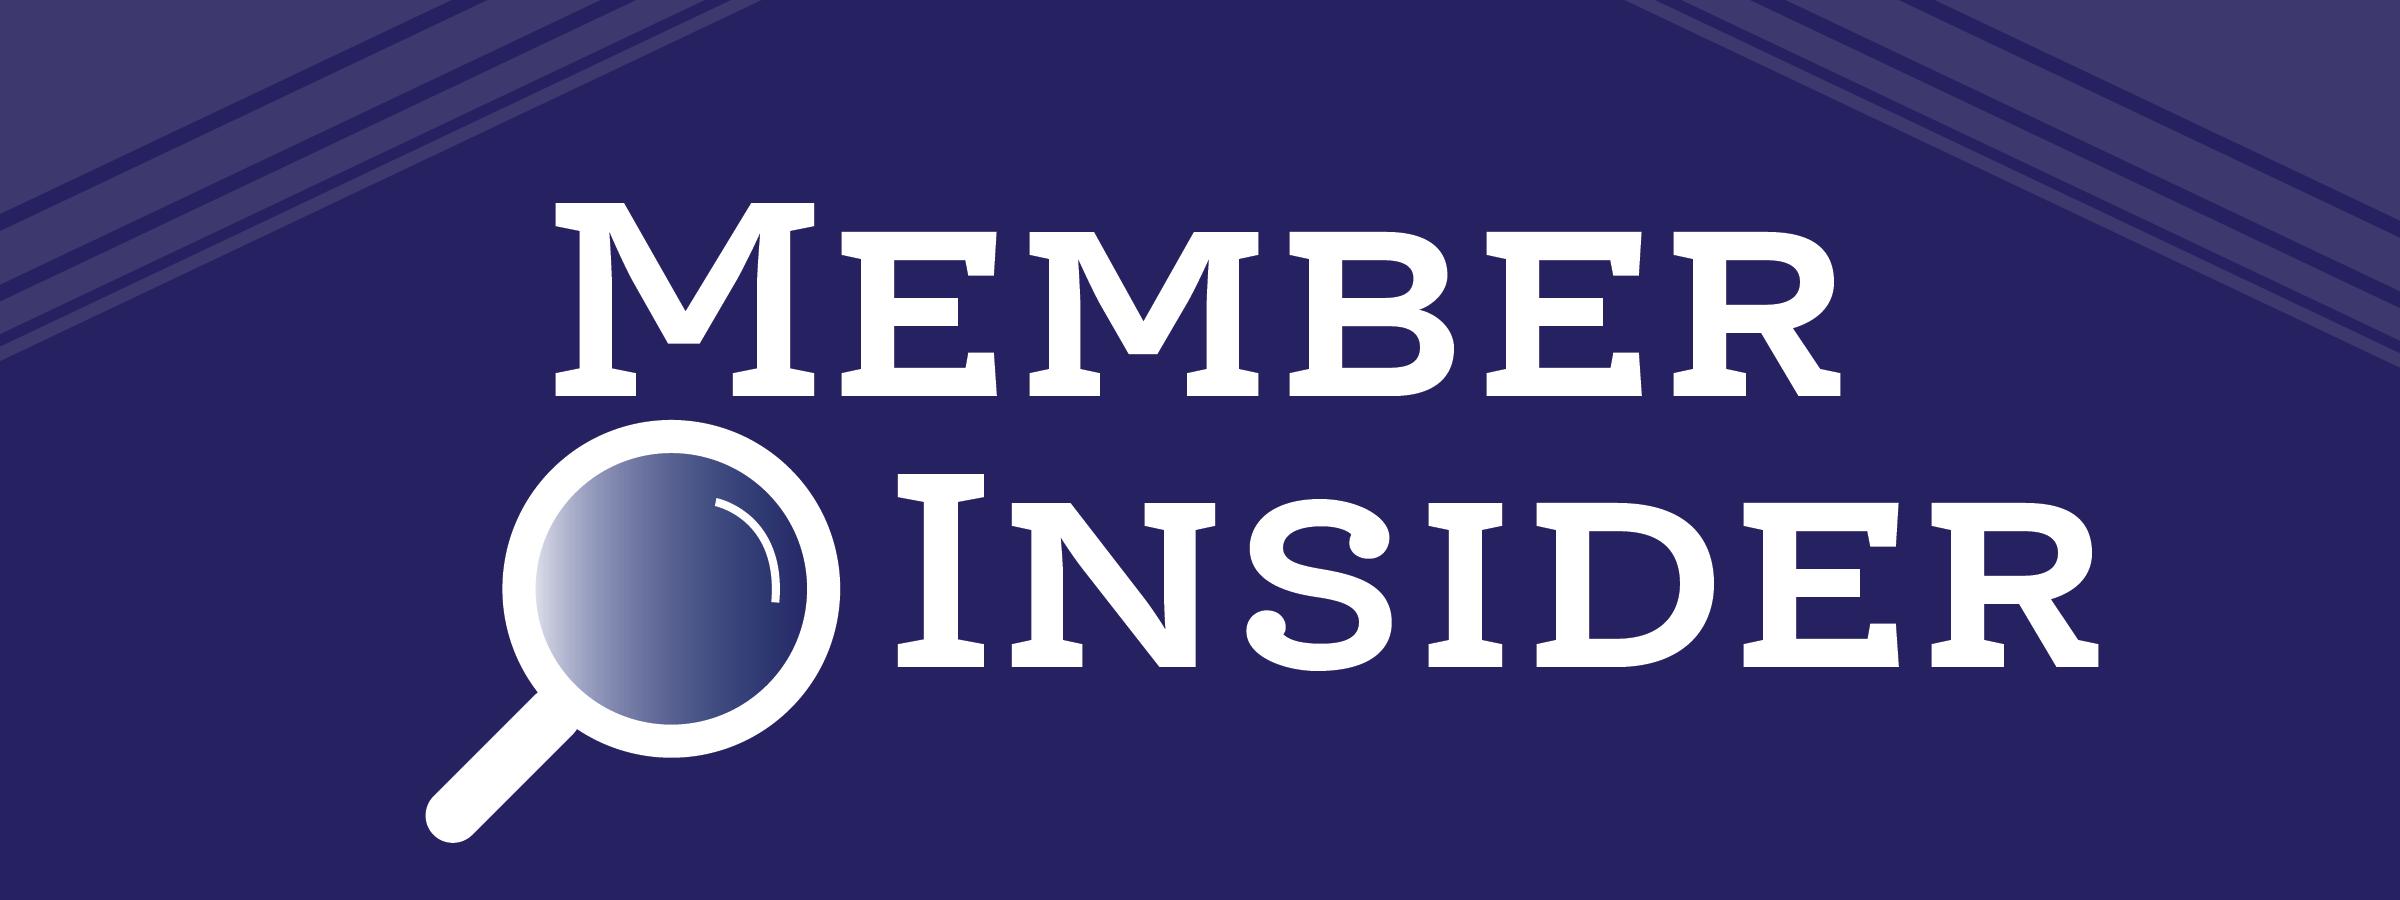 Image for Batavia Chamber Member Insider - Meet Jessica McGrail